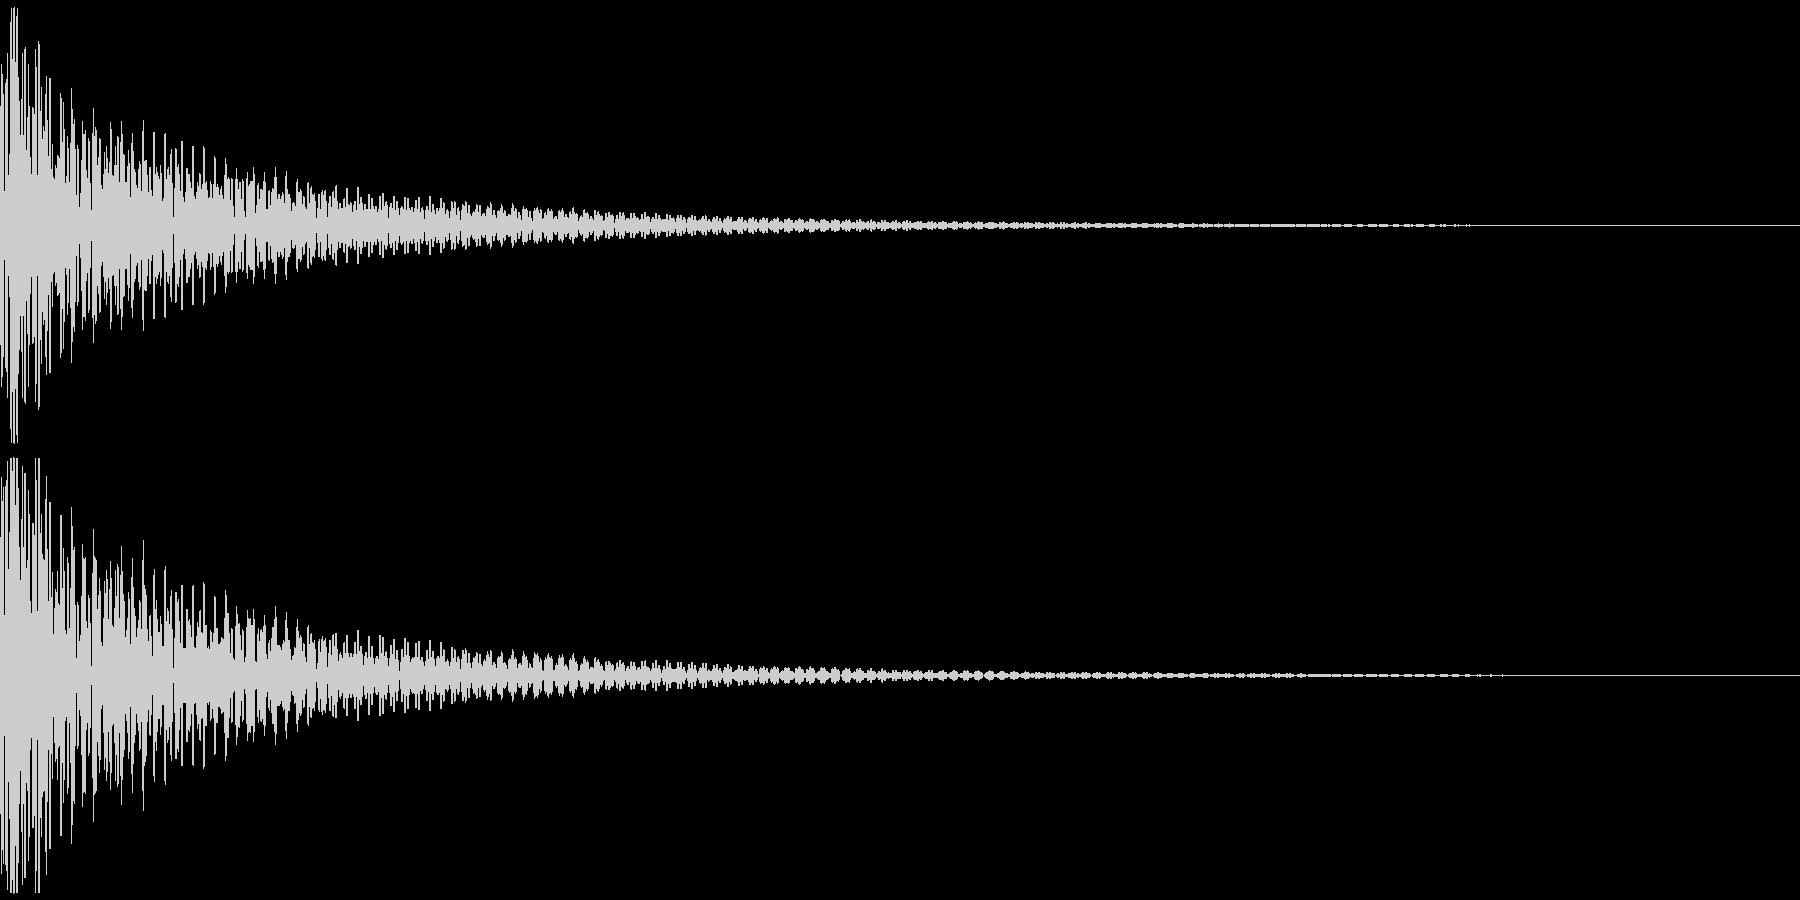 ドン(和太鼓一発)の未再生の波形